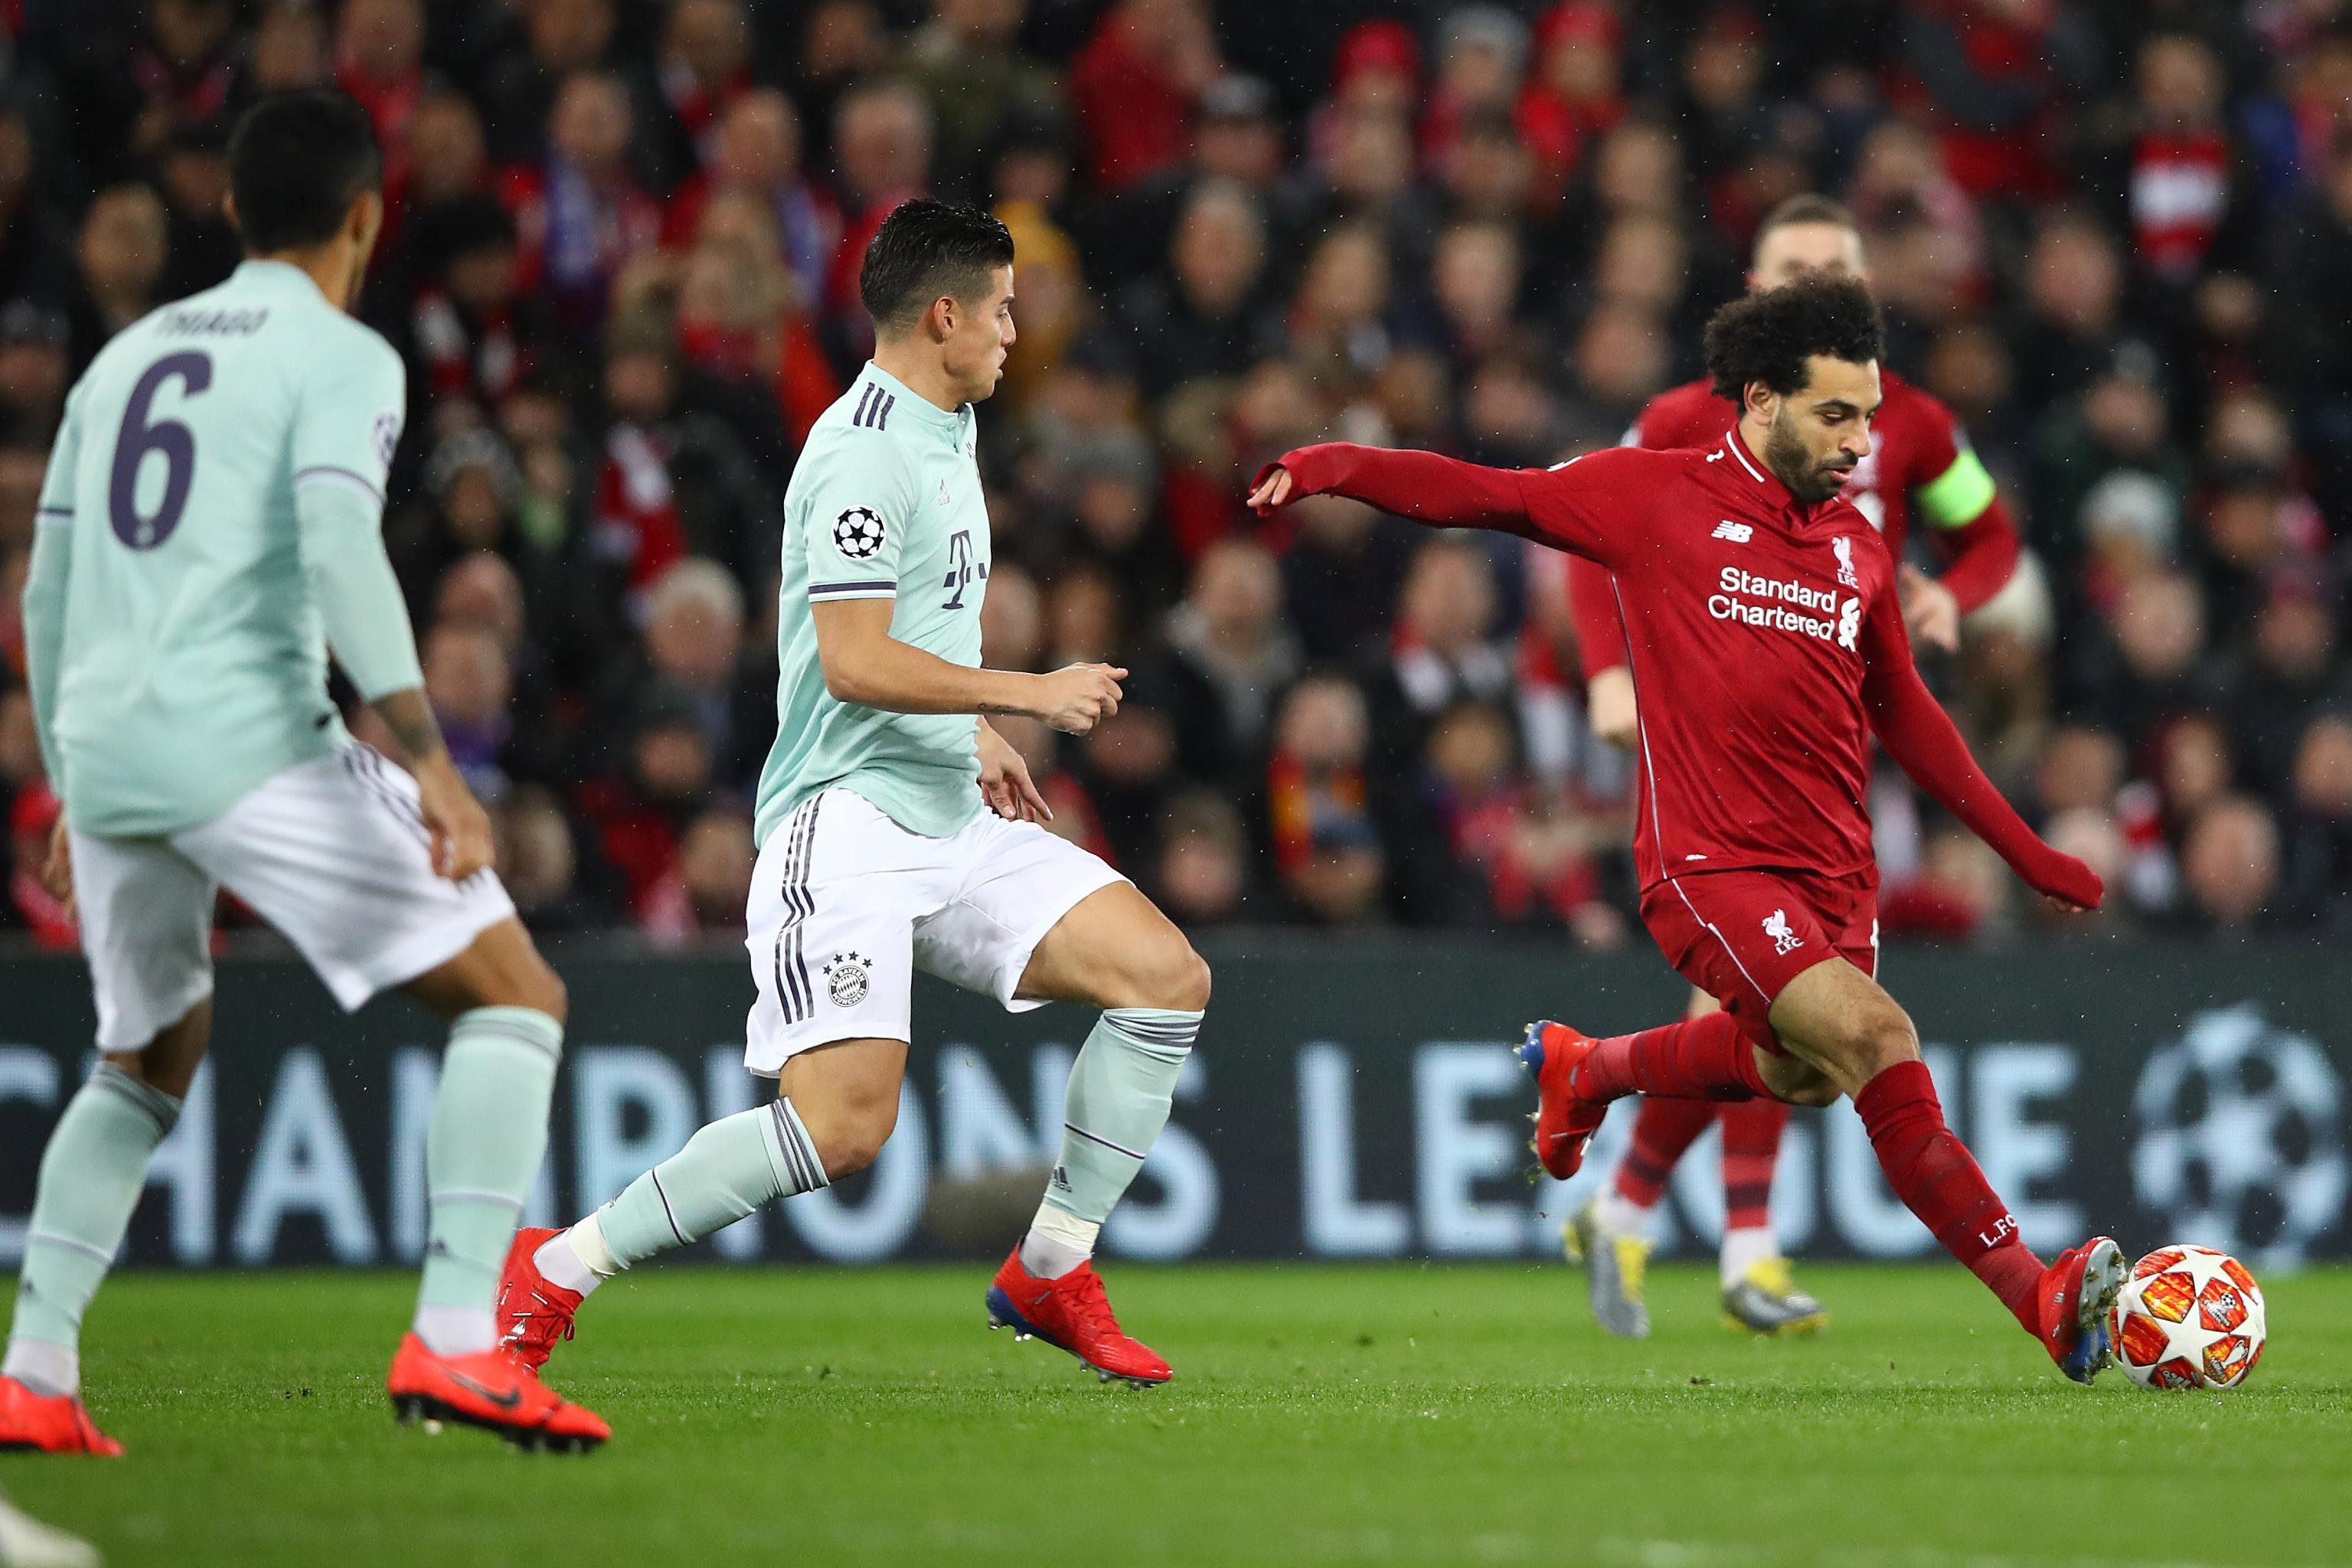 Liverpool vs bayern live stream